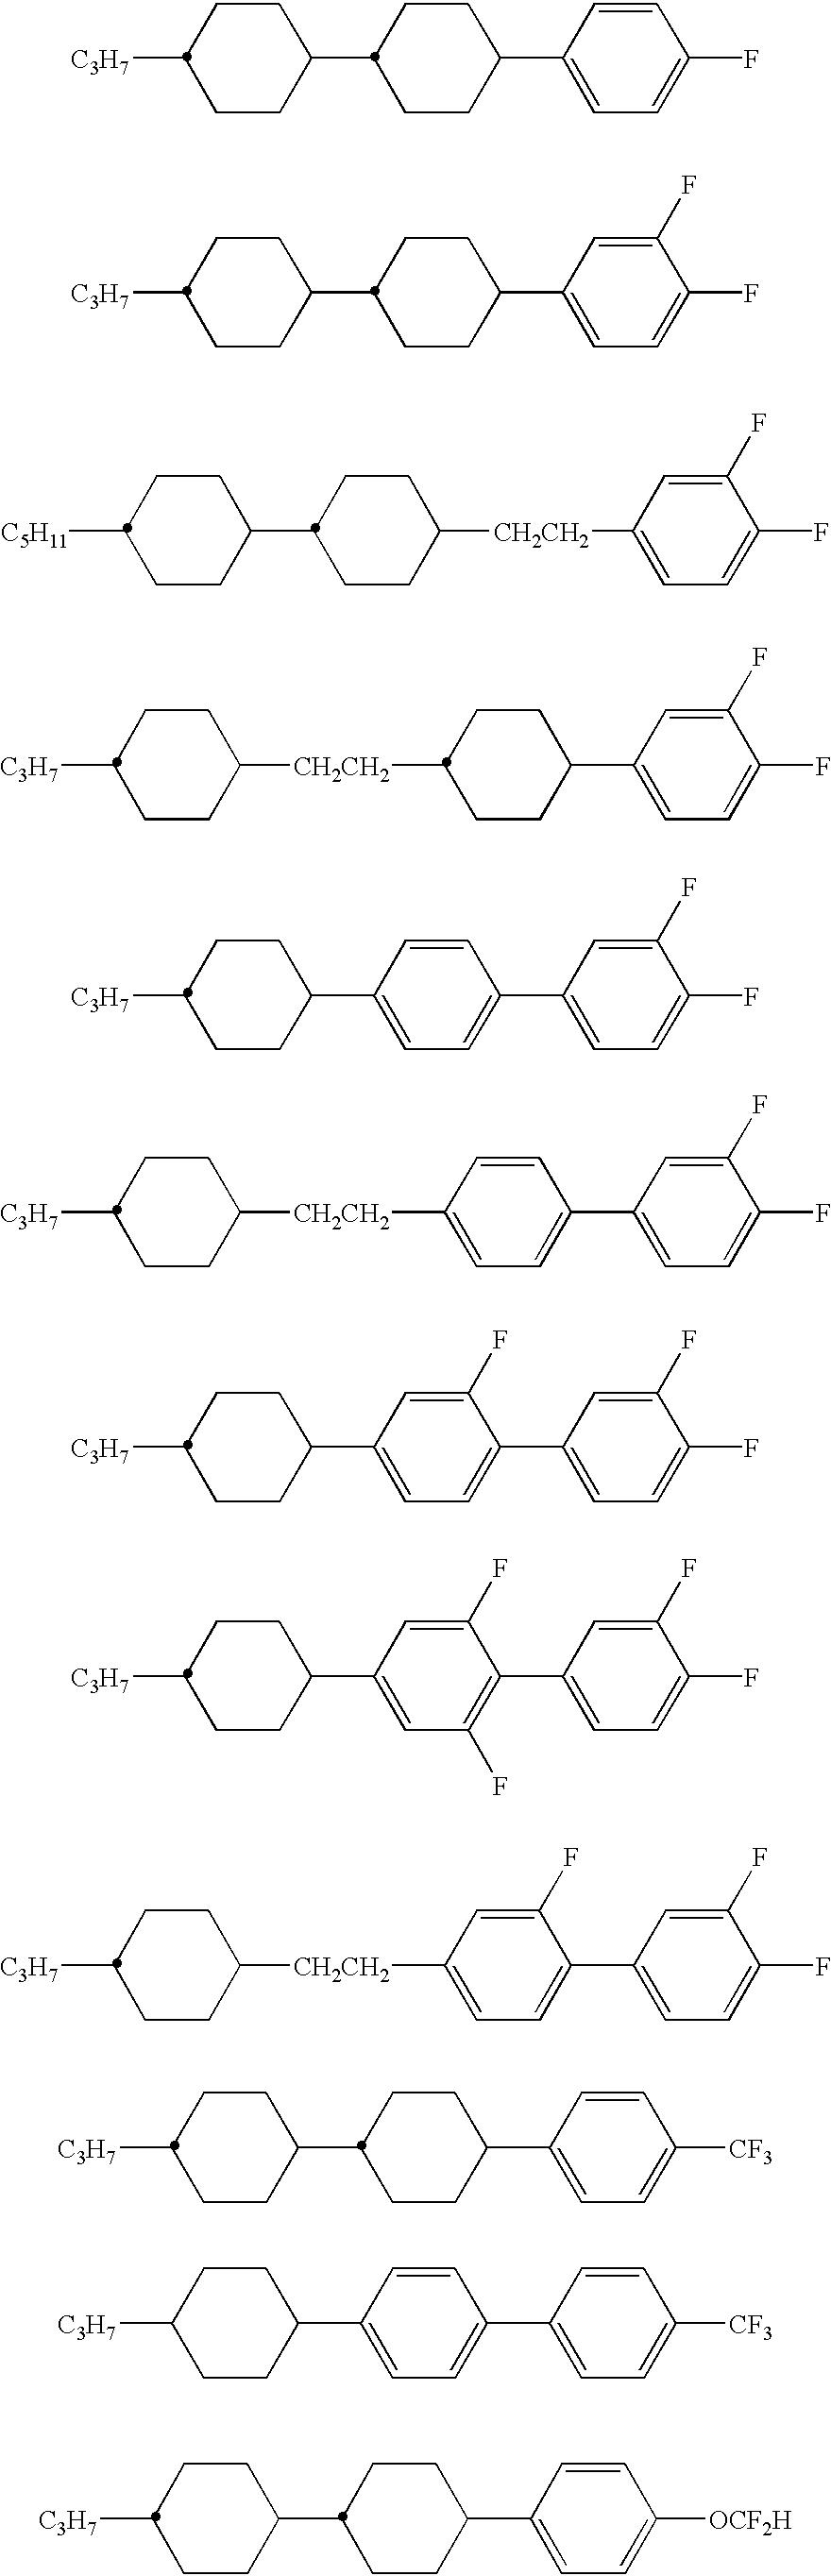 Figure US06580026-20030617-C00005